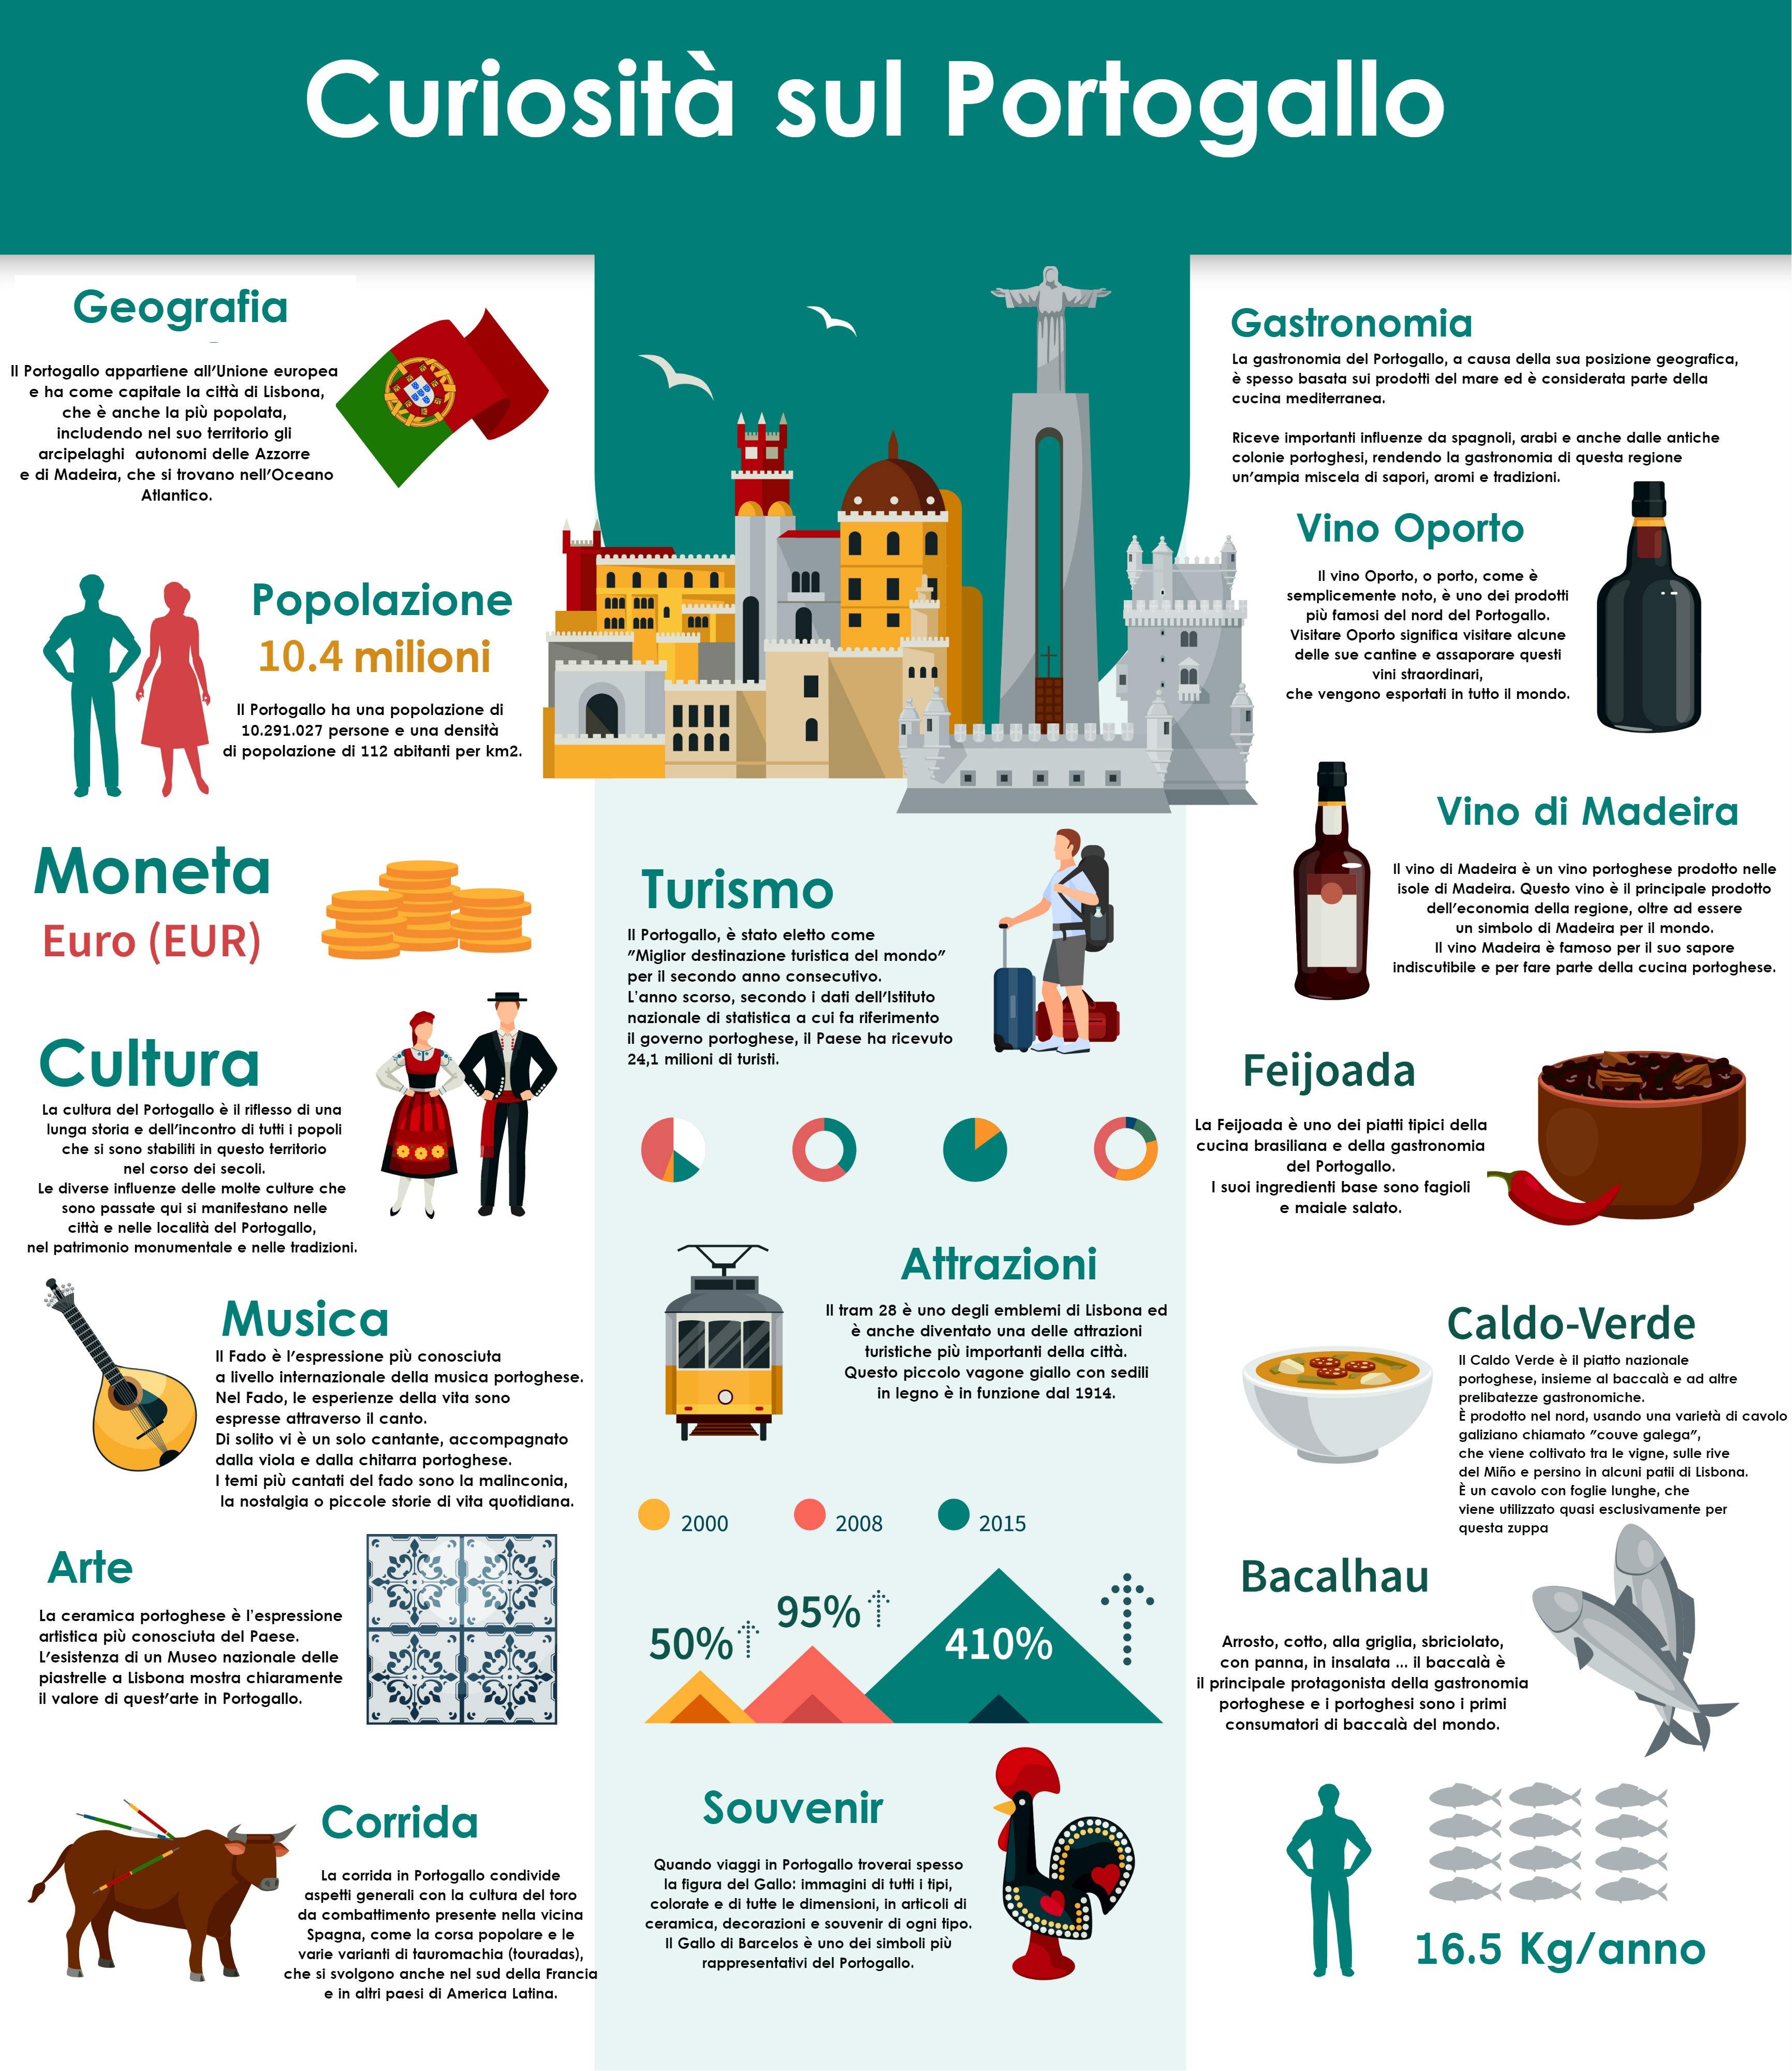 Curiosità sul Portogallo: scopri tutto ciò che c'è da sapere sul Portogallo attraverso quest'ingografica